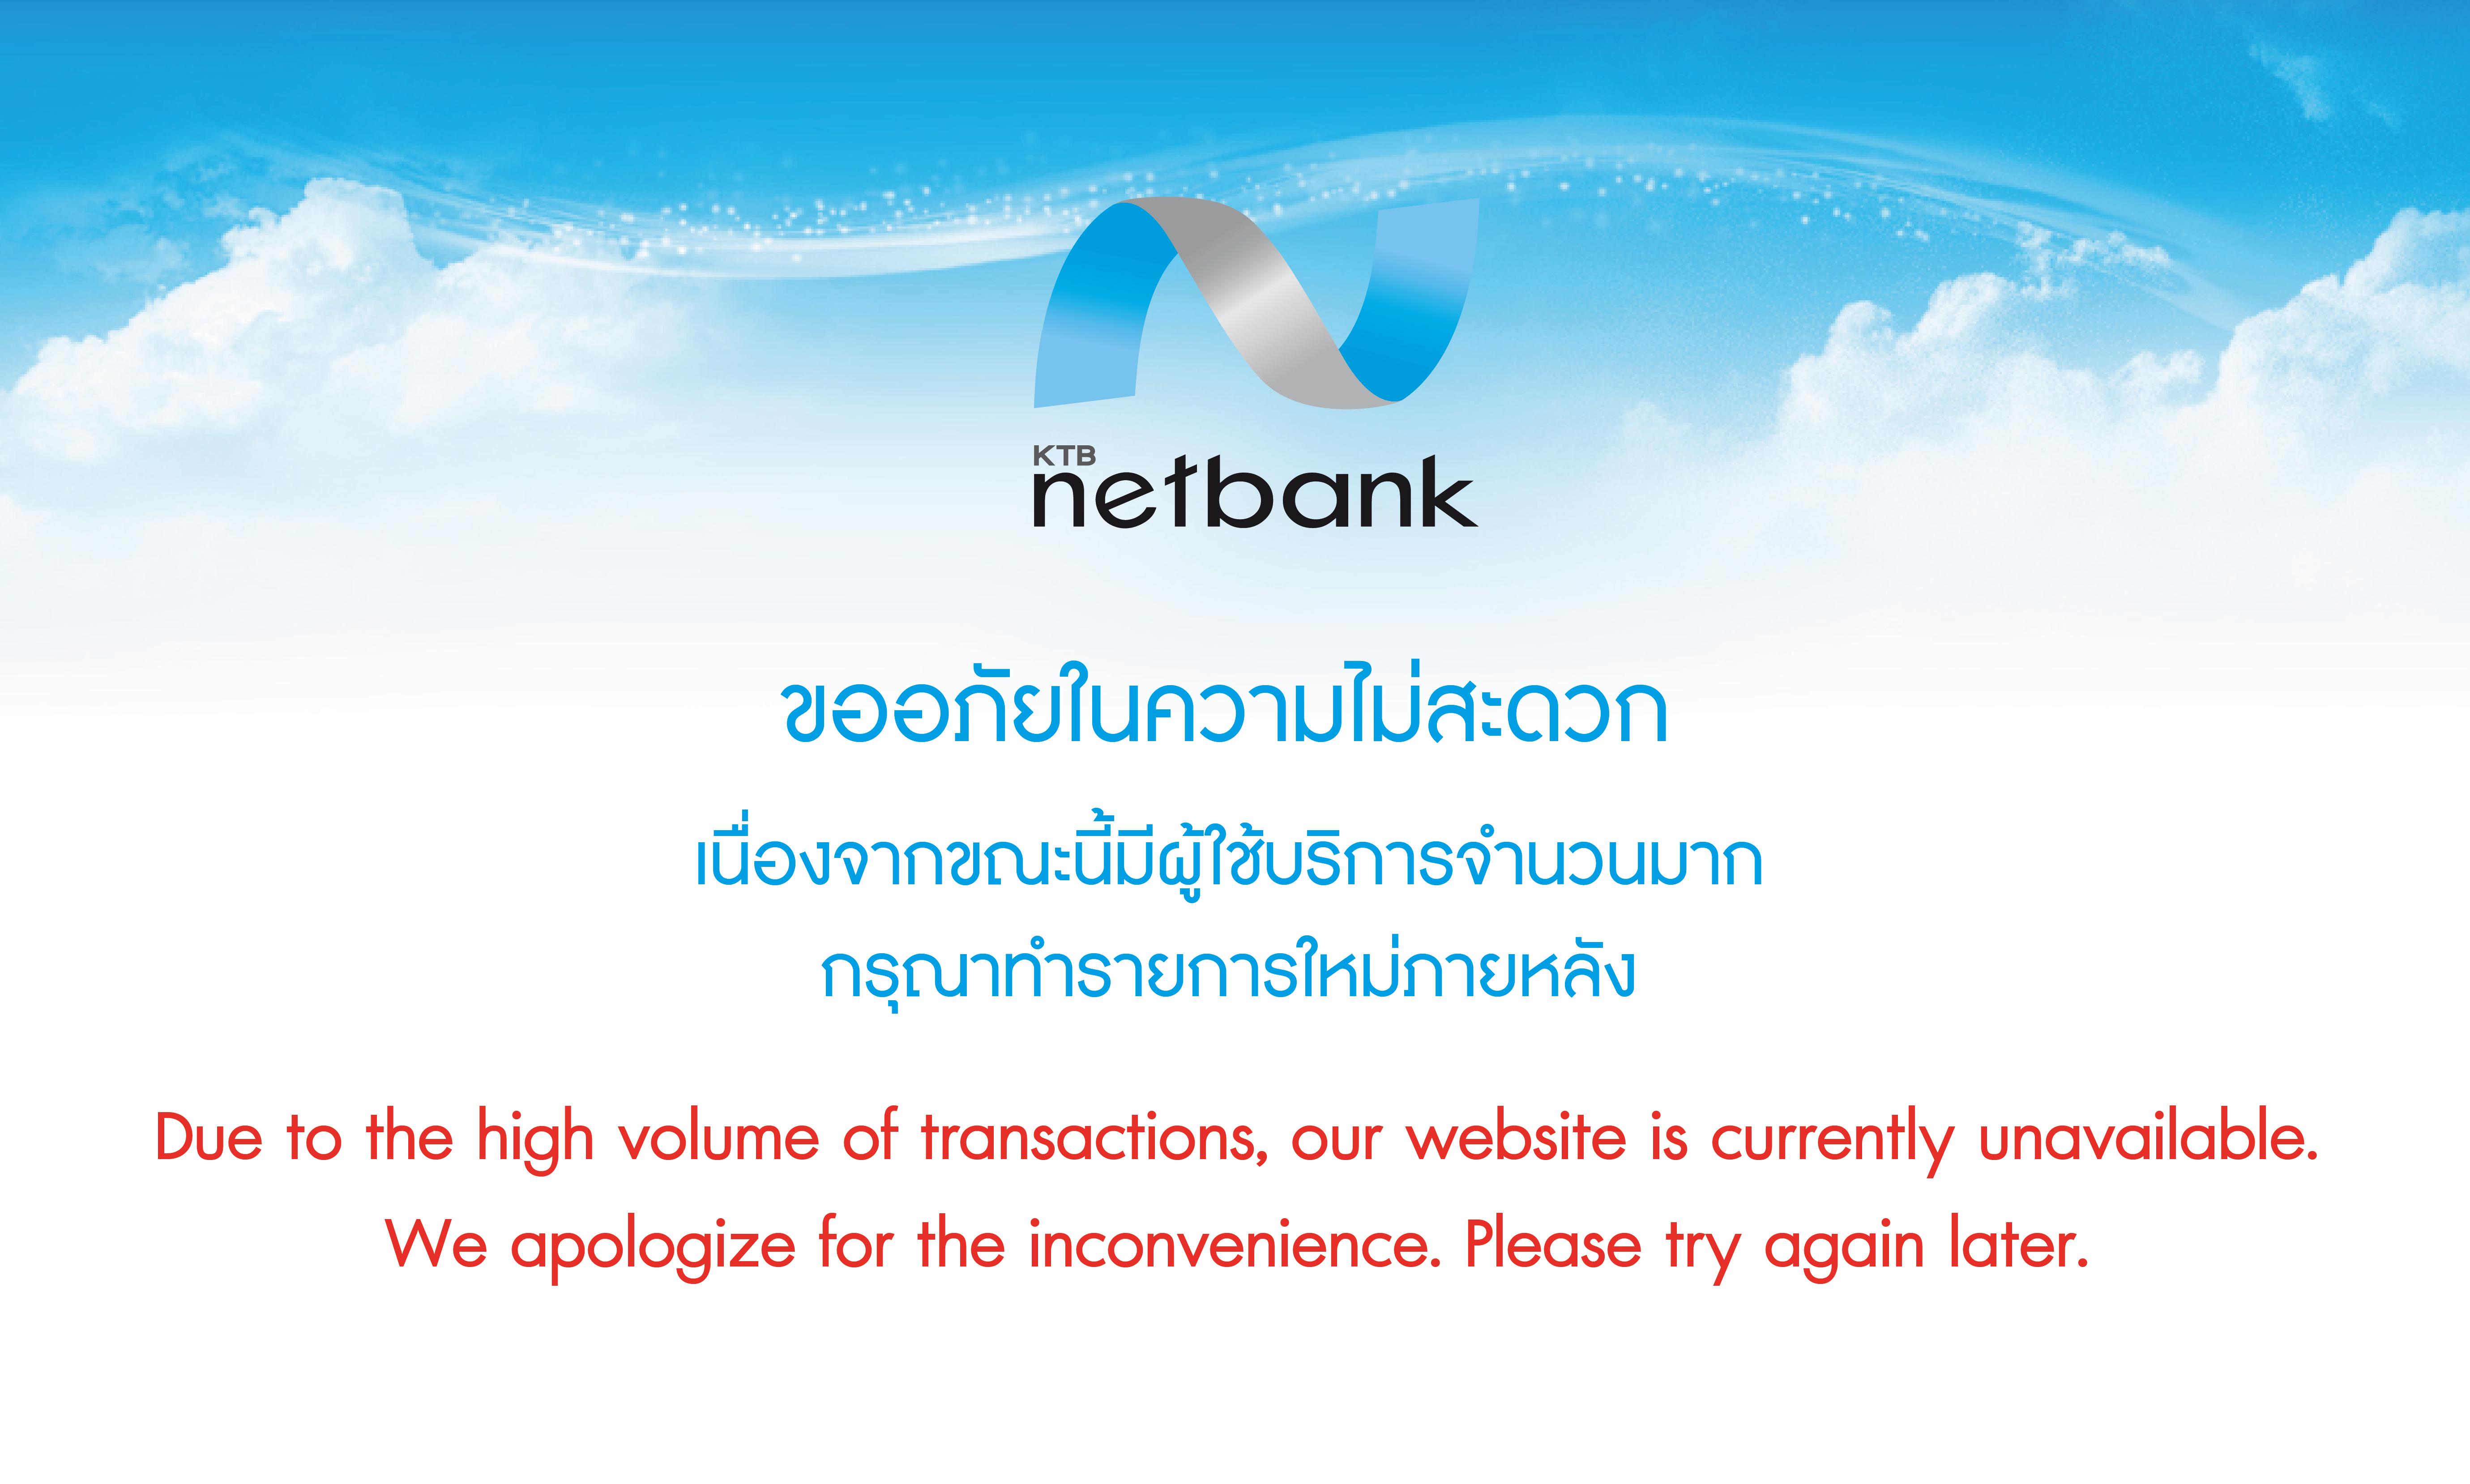 ลูกค้า KTB Netbank เข้าใช้งานไม่ได้ยันหน้าเว็บไซต์